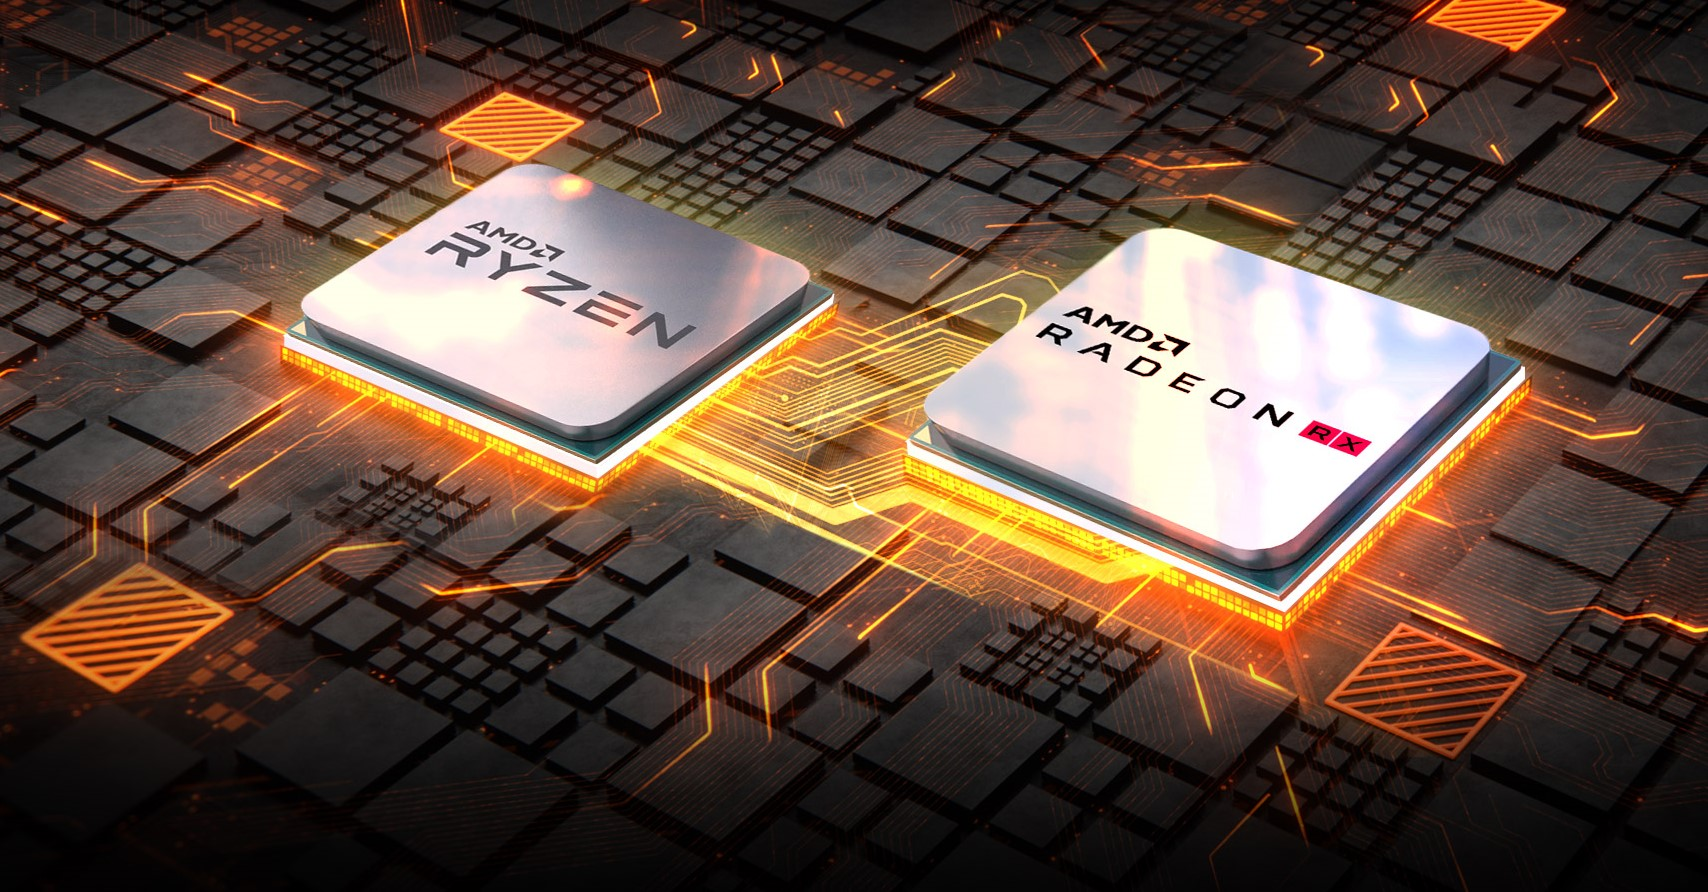 پاسخ به یک سوال مهم: لپ تاپ AMD Ryzen بهتر است یا اینتل؟